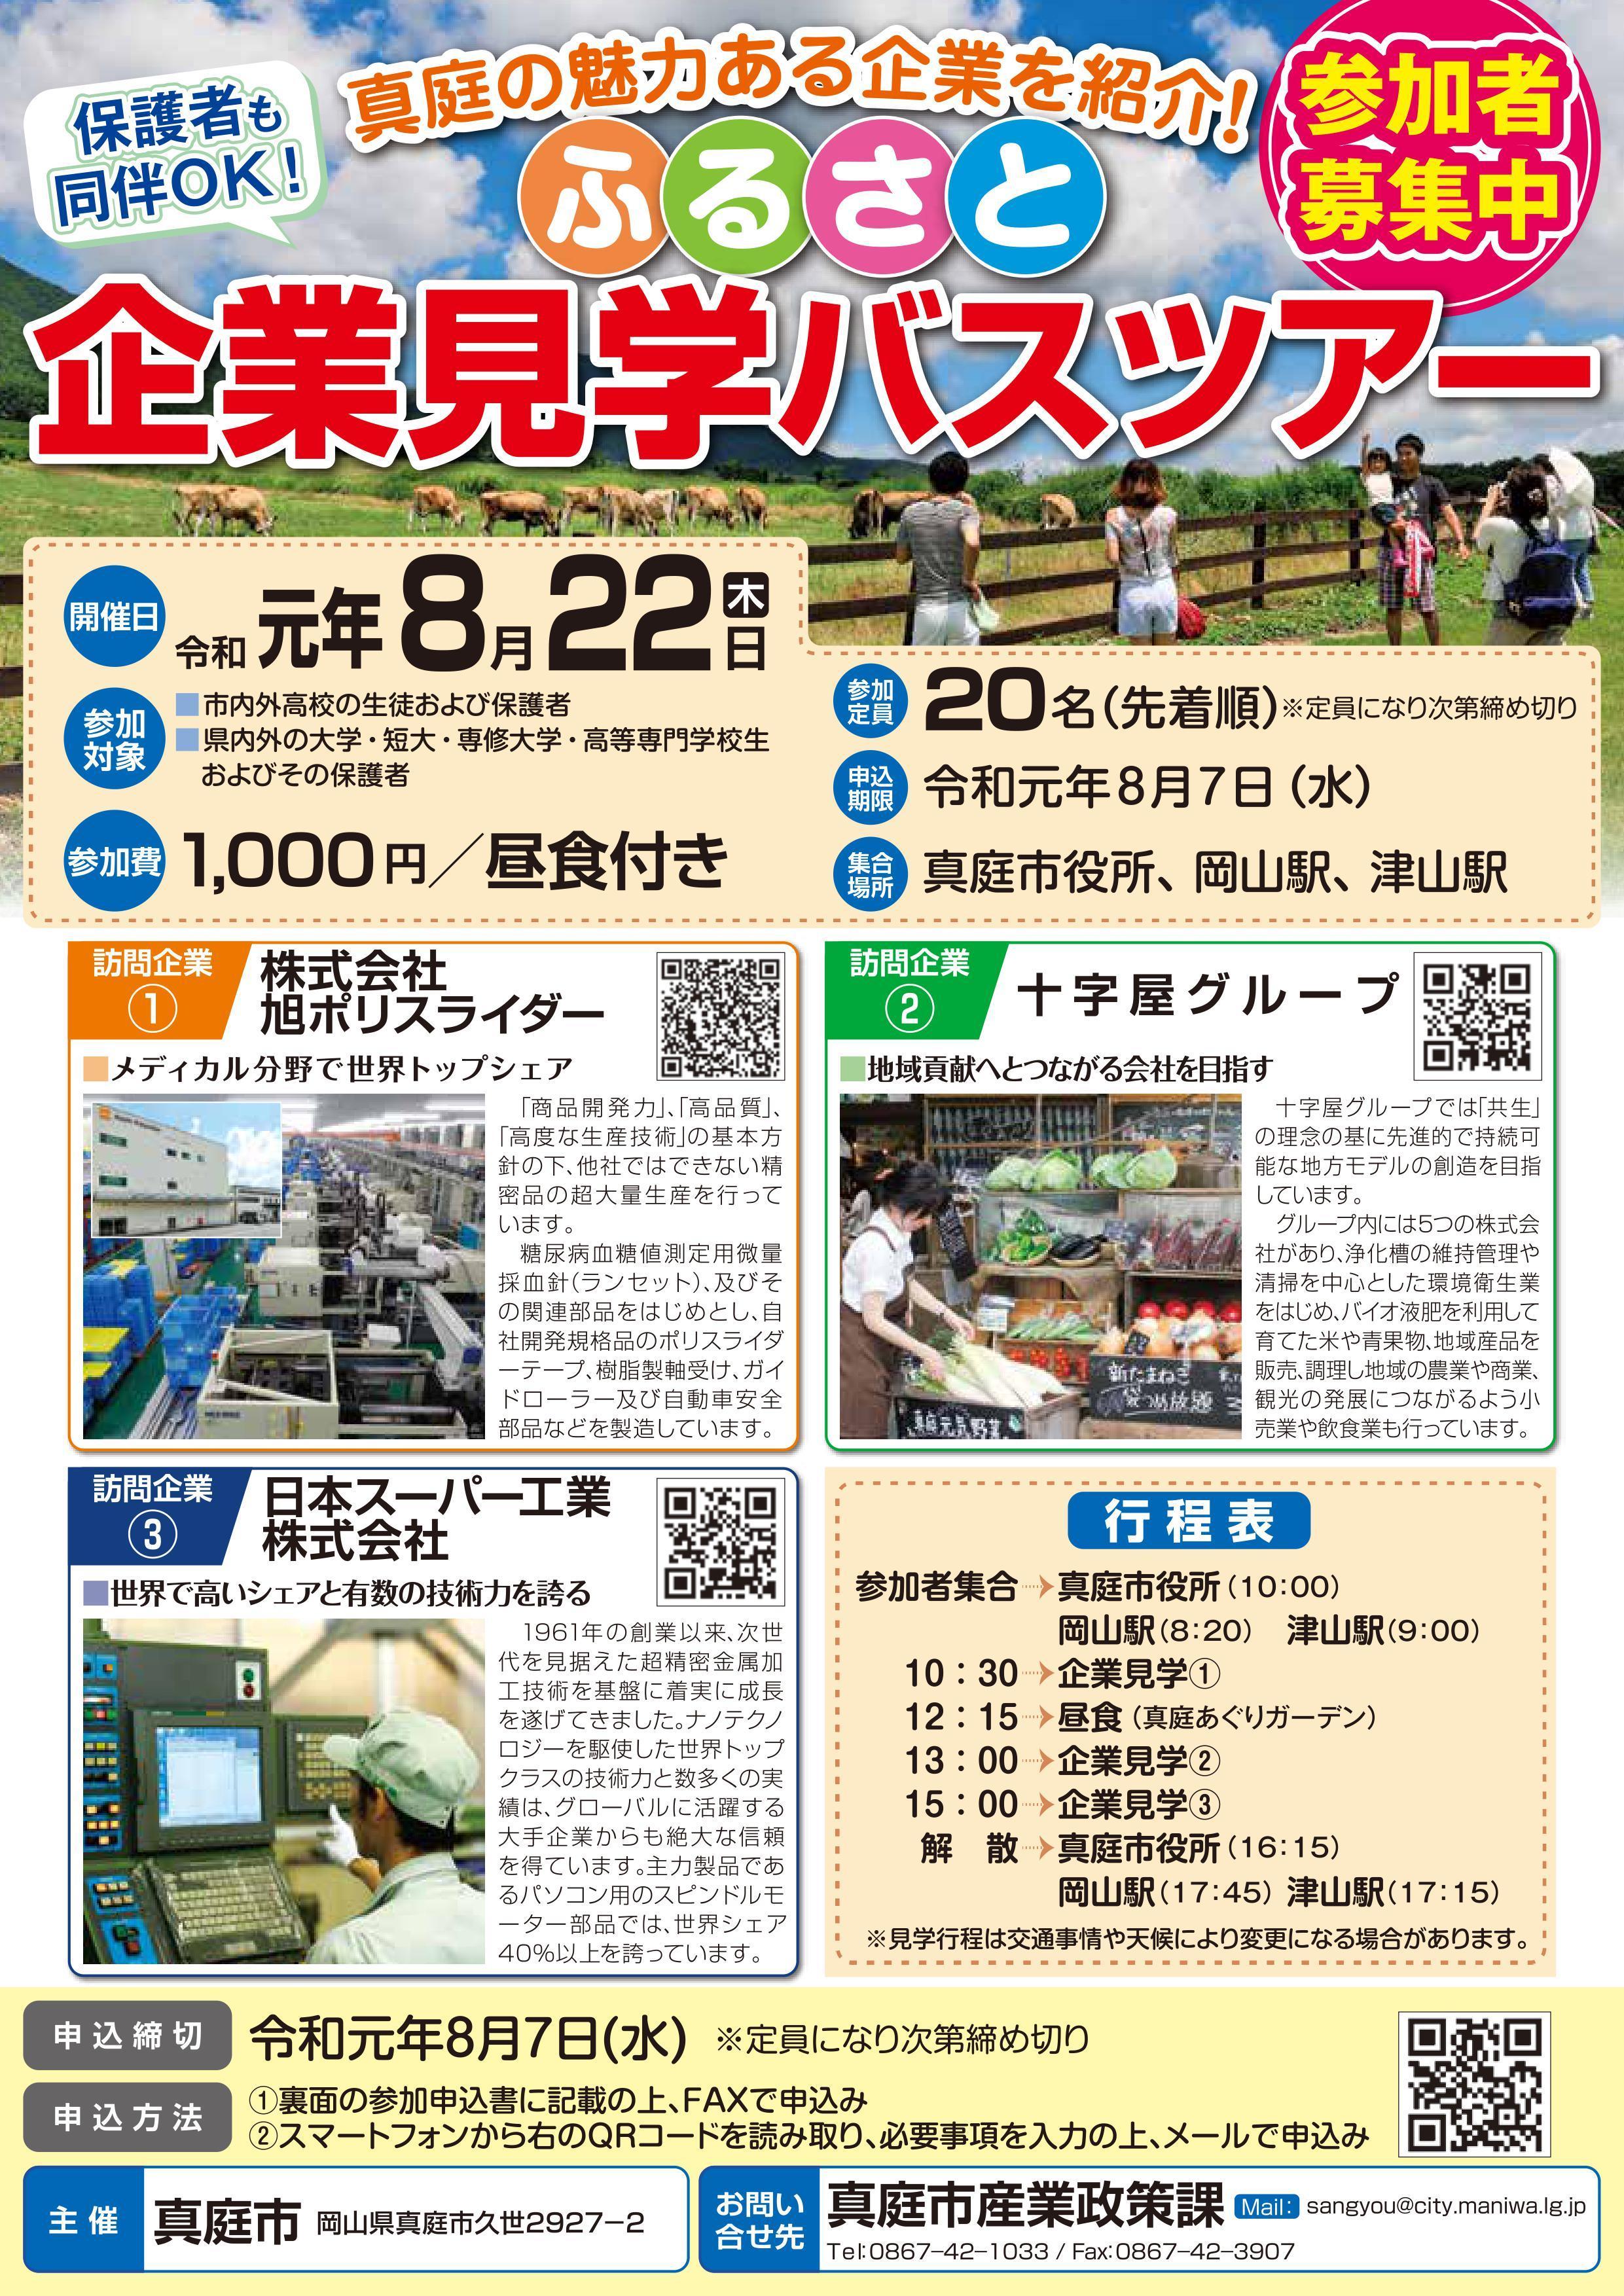 【学生対象】8月22日(木)開催 ふるさと企業見学バスツアー(8/7〆切)